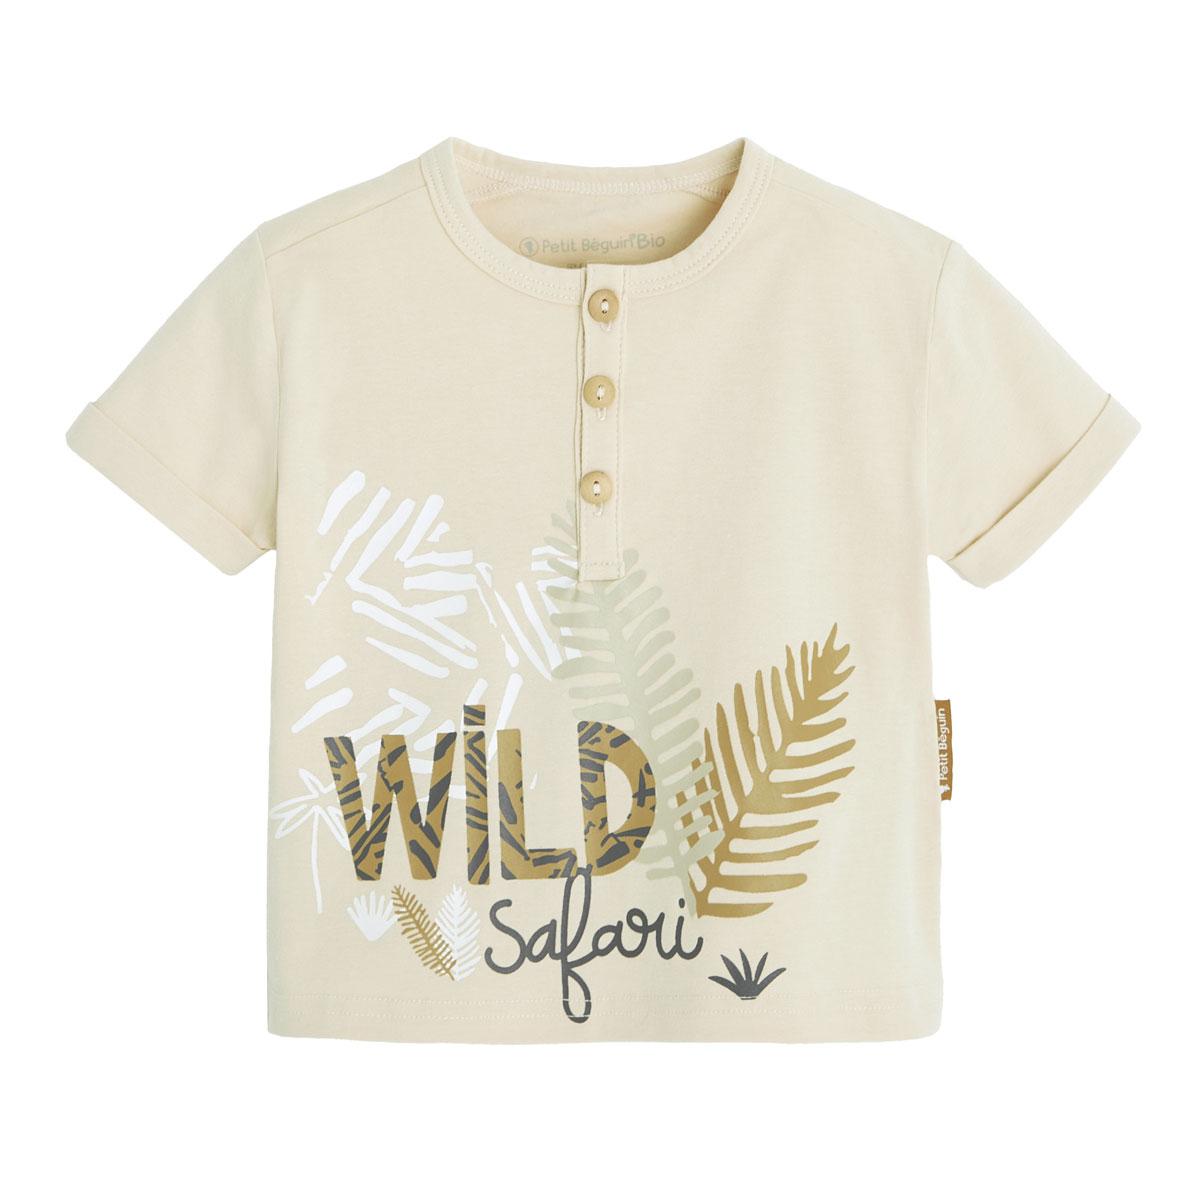 Ensemble bébé garçon t-shirt contenant du coton bio + short Wild Safari haut